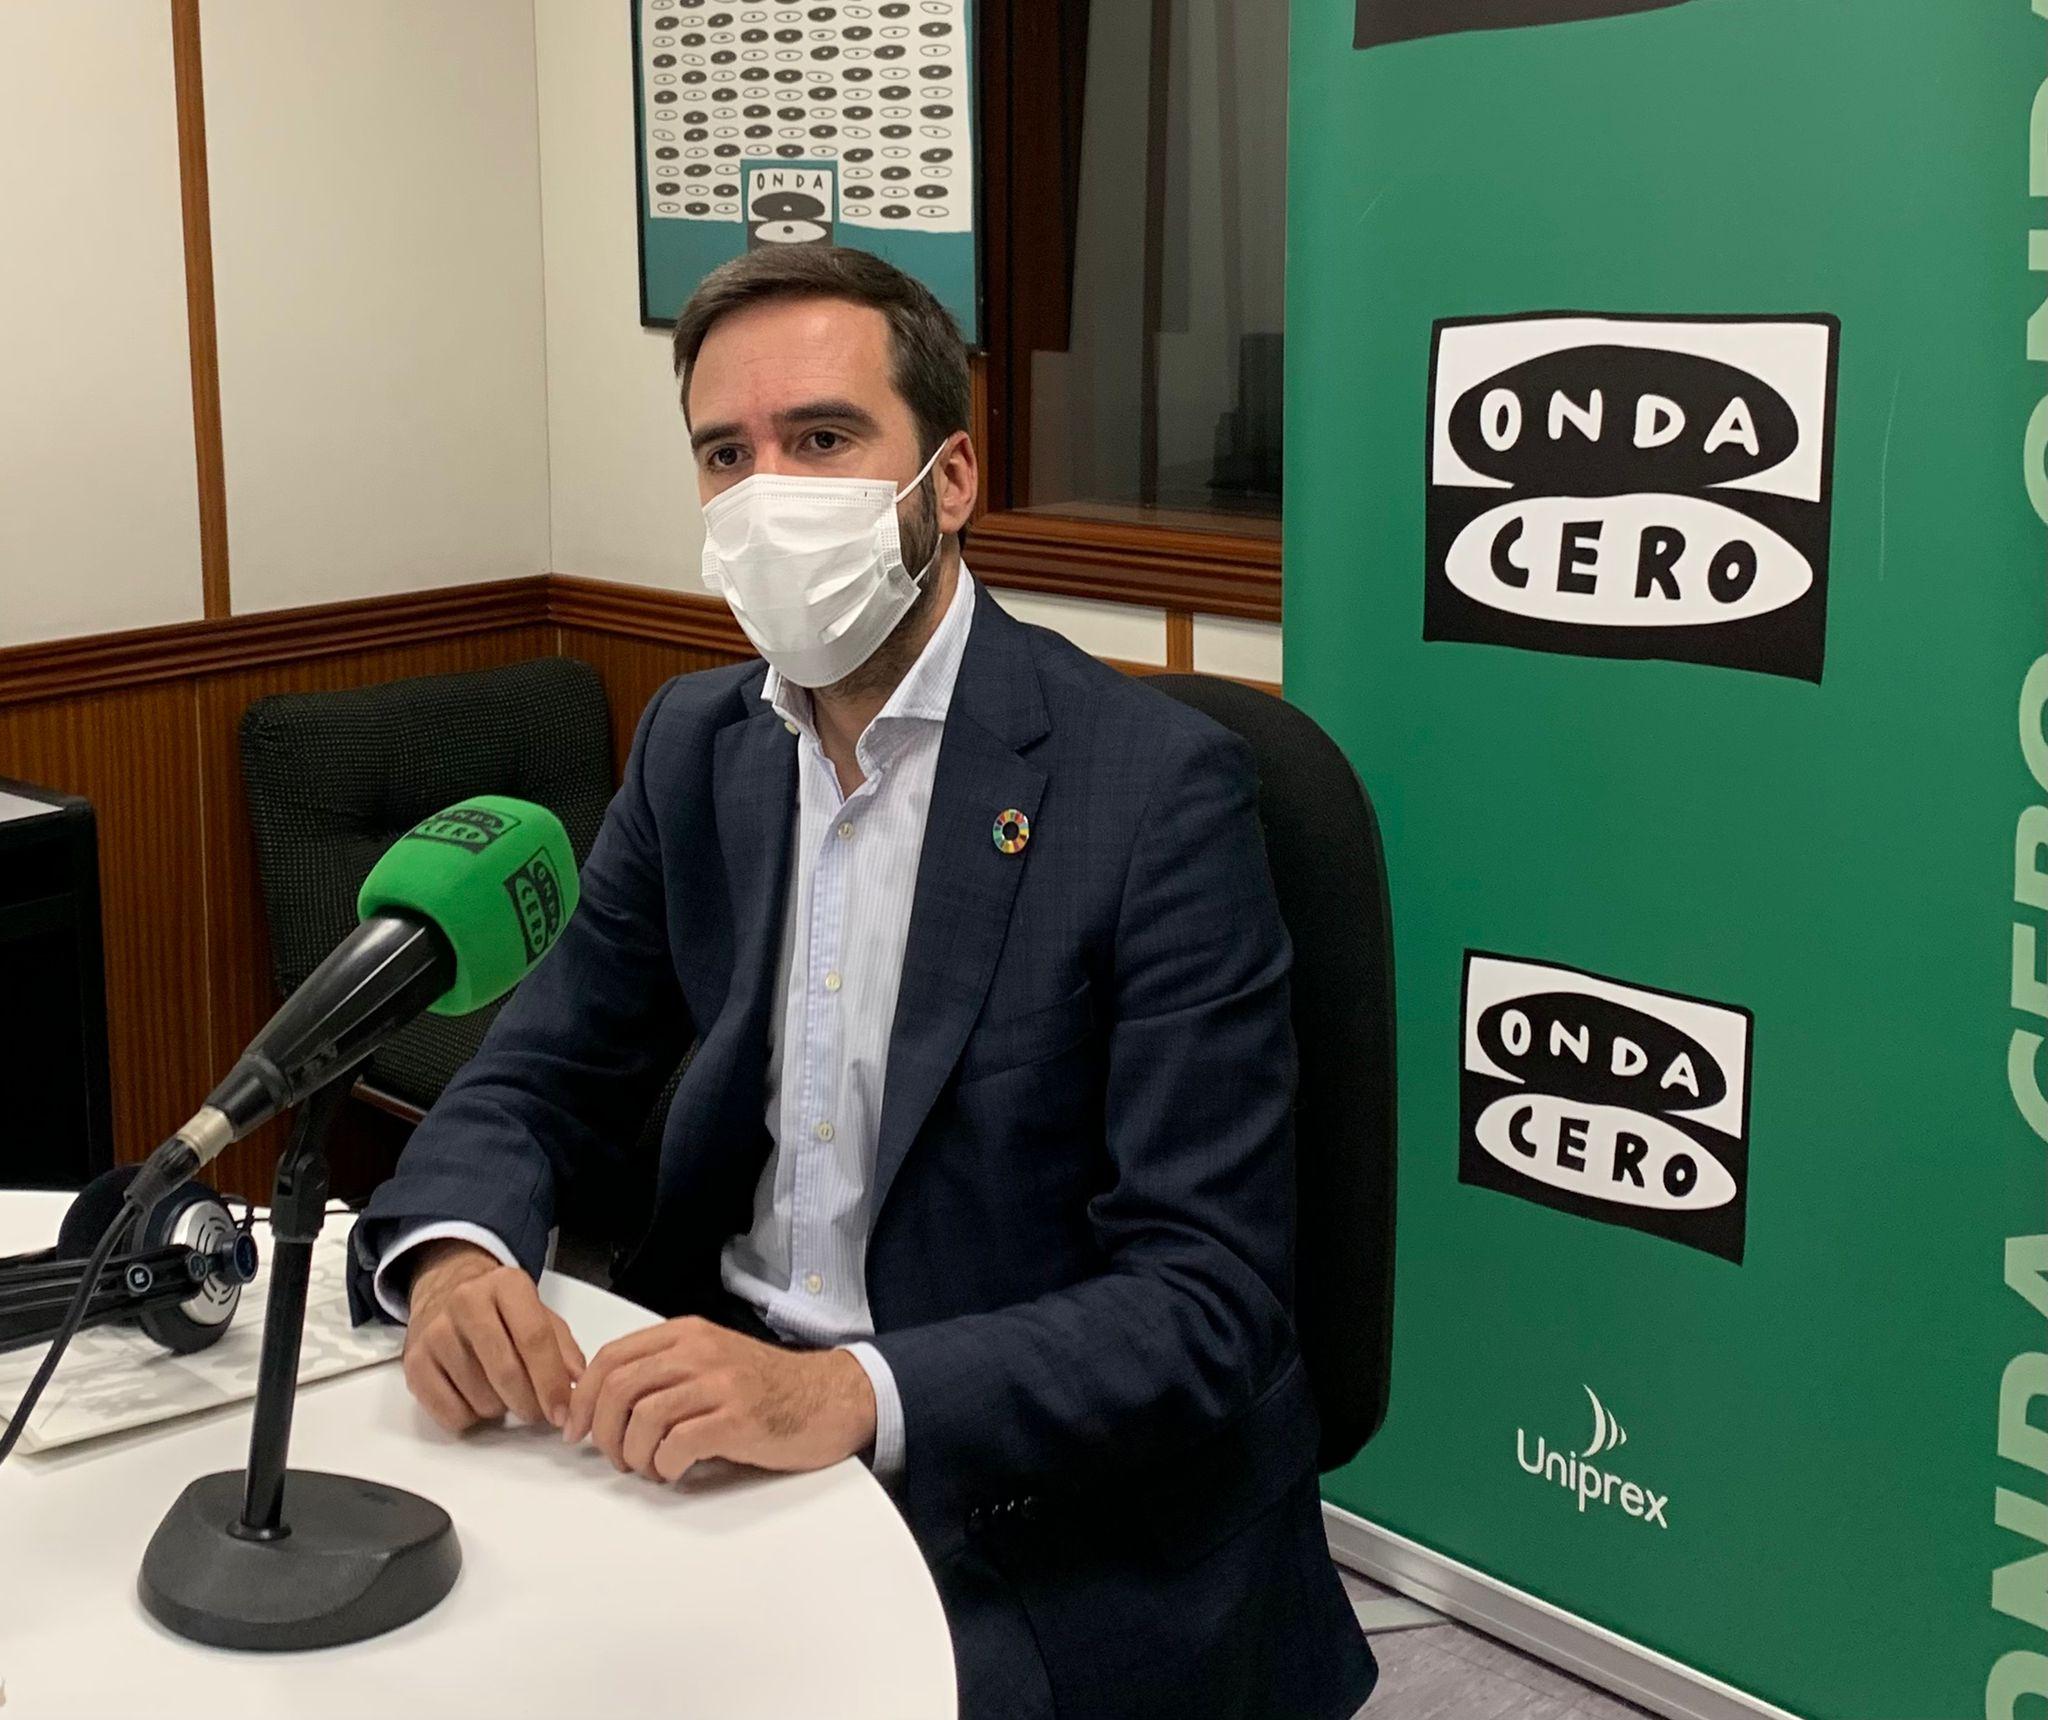 El Consejero Javier Hurtado ha explicado que los Fondos Next Generation reforzarán la apuesta por la sostenibilidad turística [23:28]